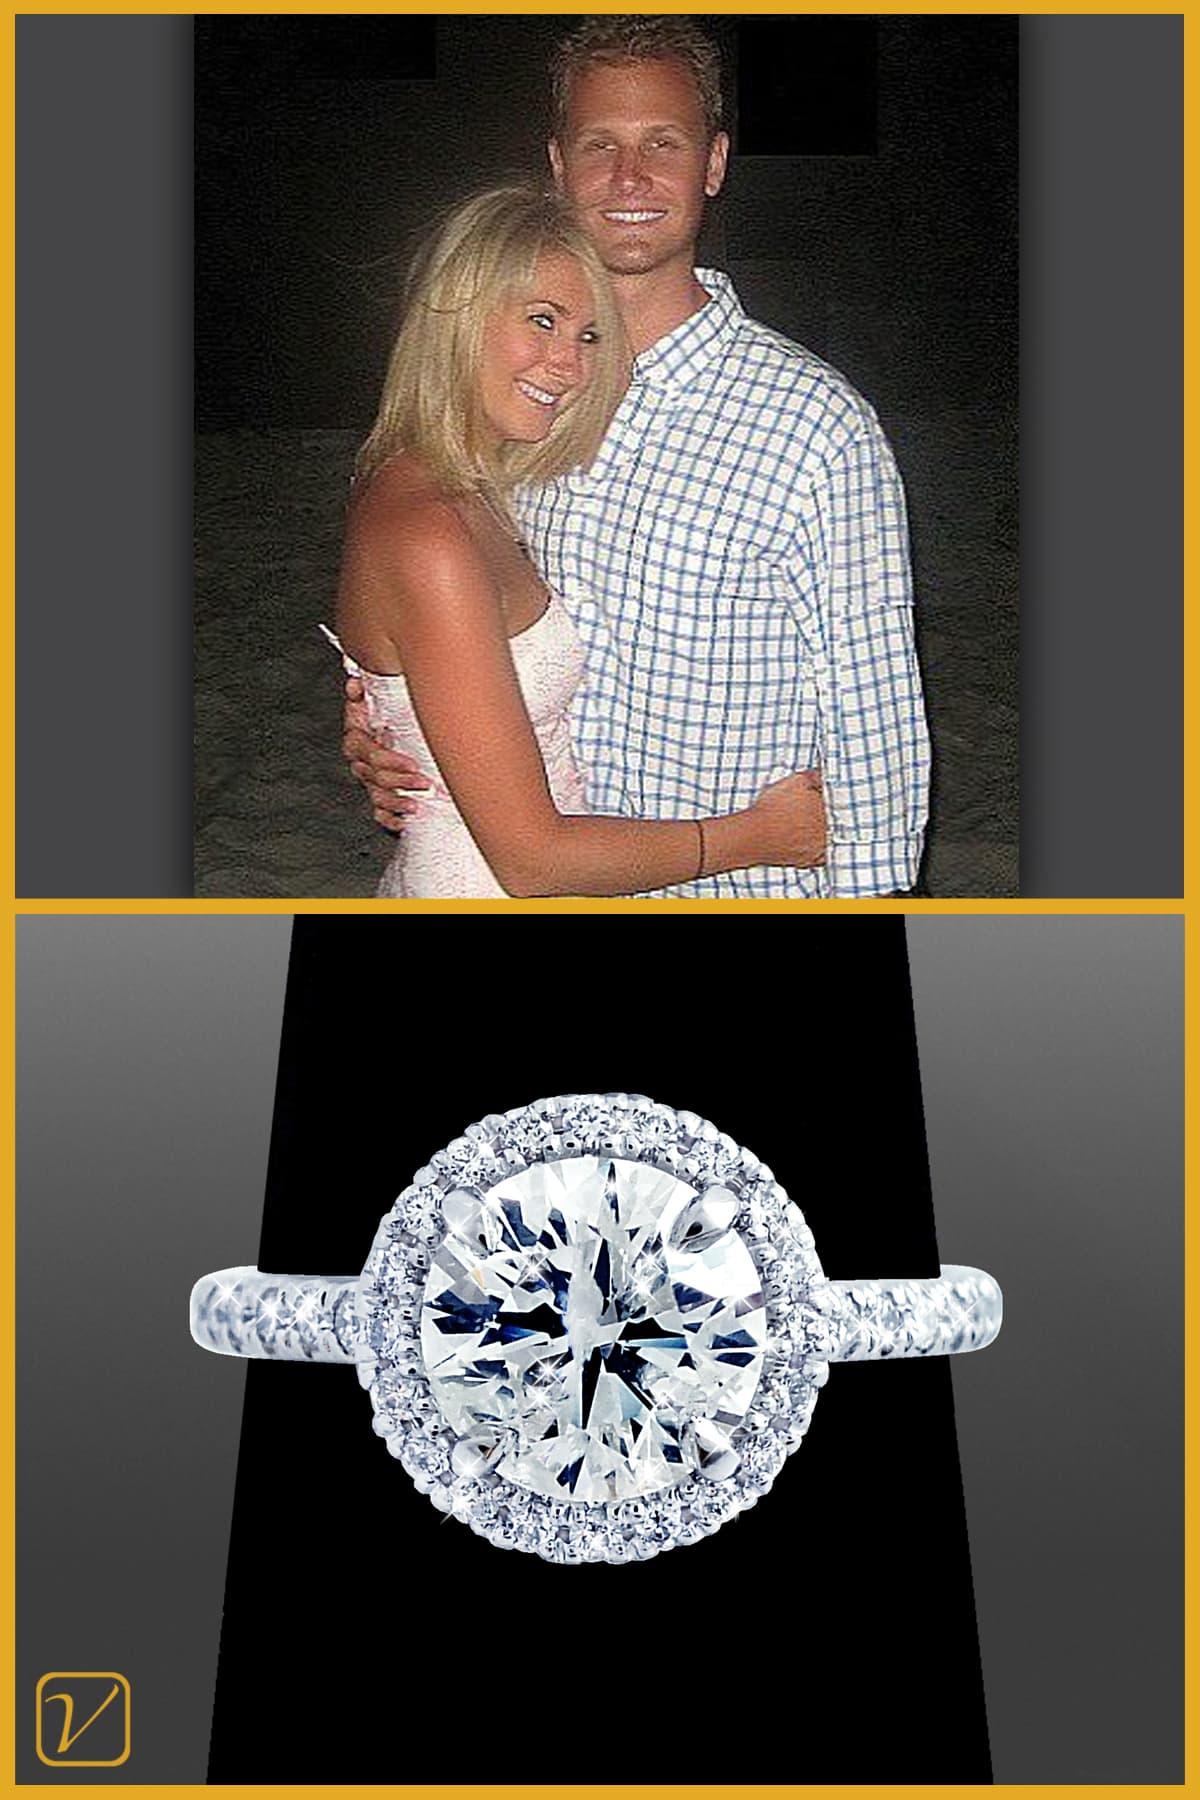 Clayton & Stefanie - Client Review - Vanessa Nicole Jewels - Testimonials